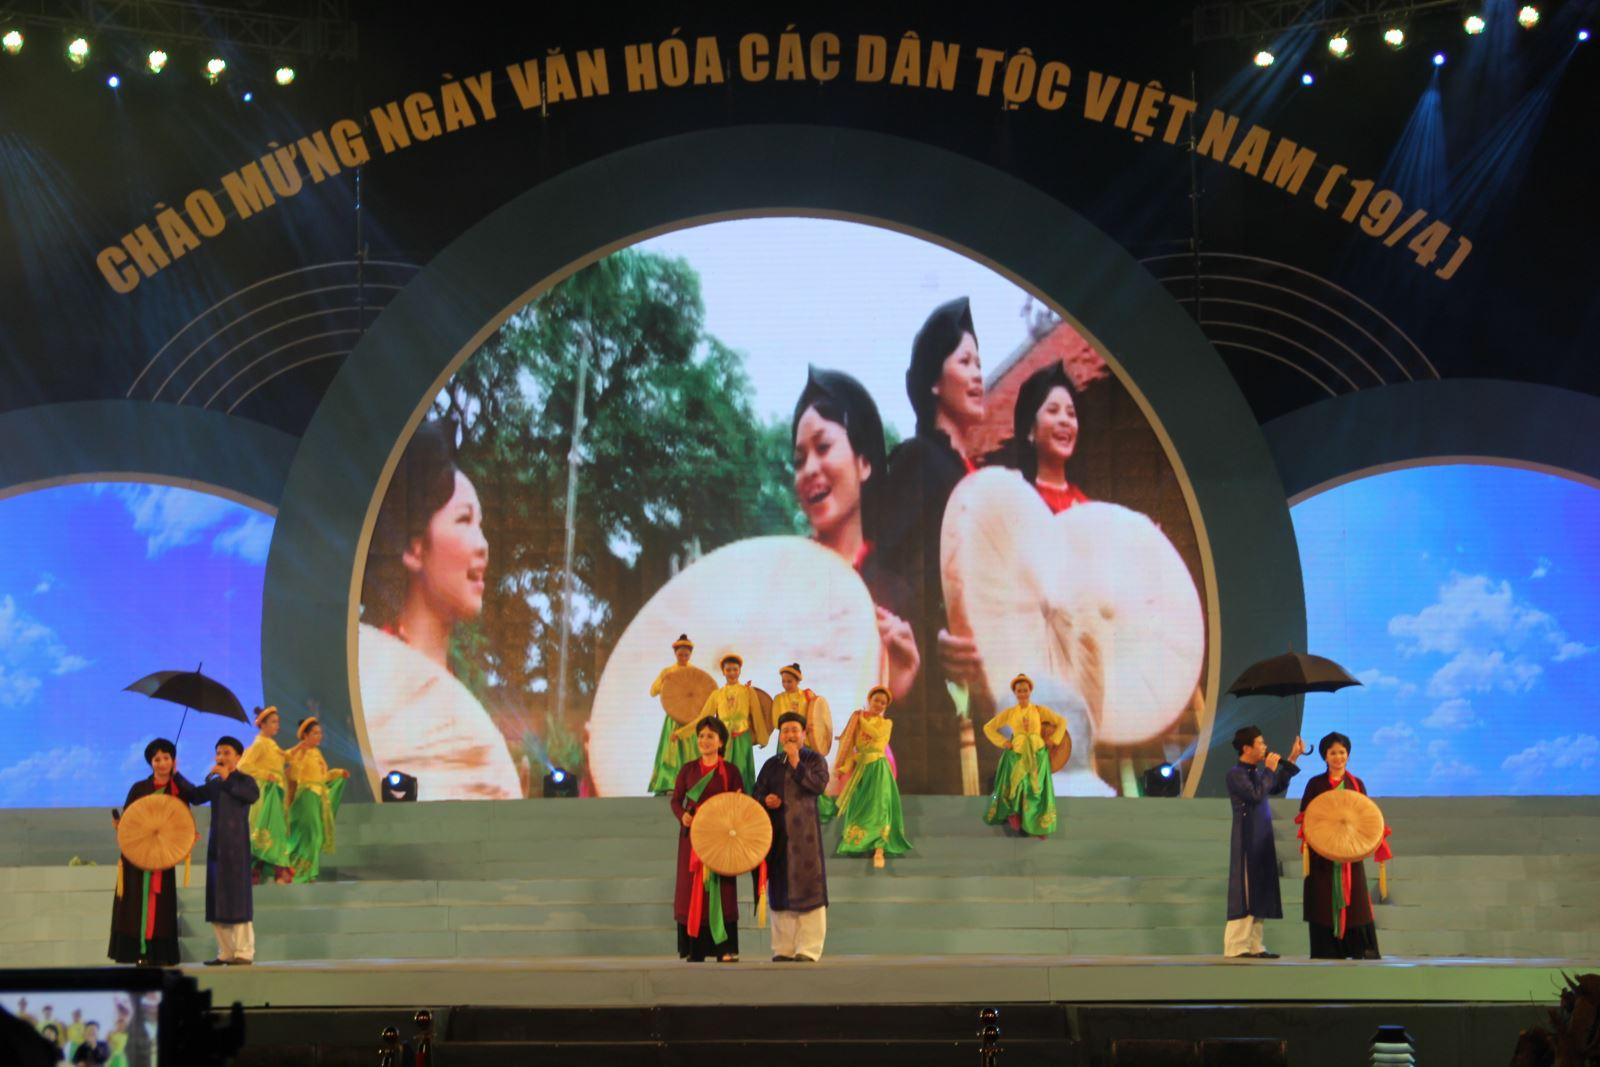 Chương trình chi tiết các hoạt động trong Ngày văn hóa các dân tộc Việt Nam năm 2019